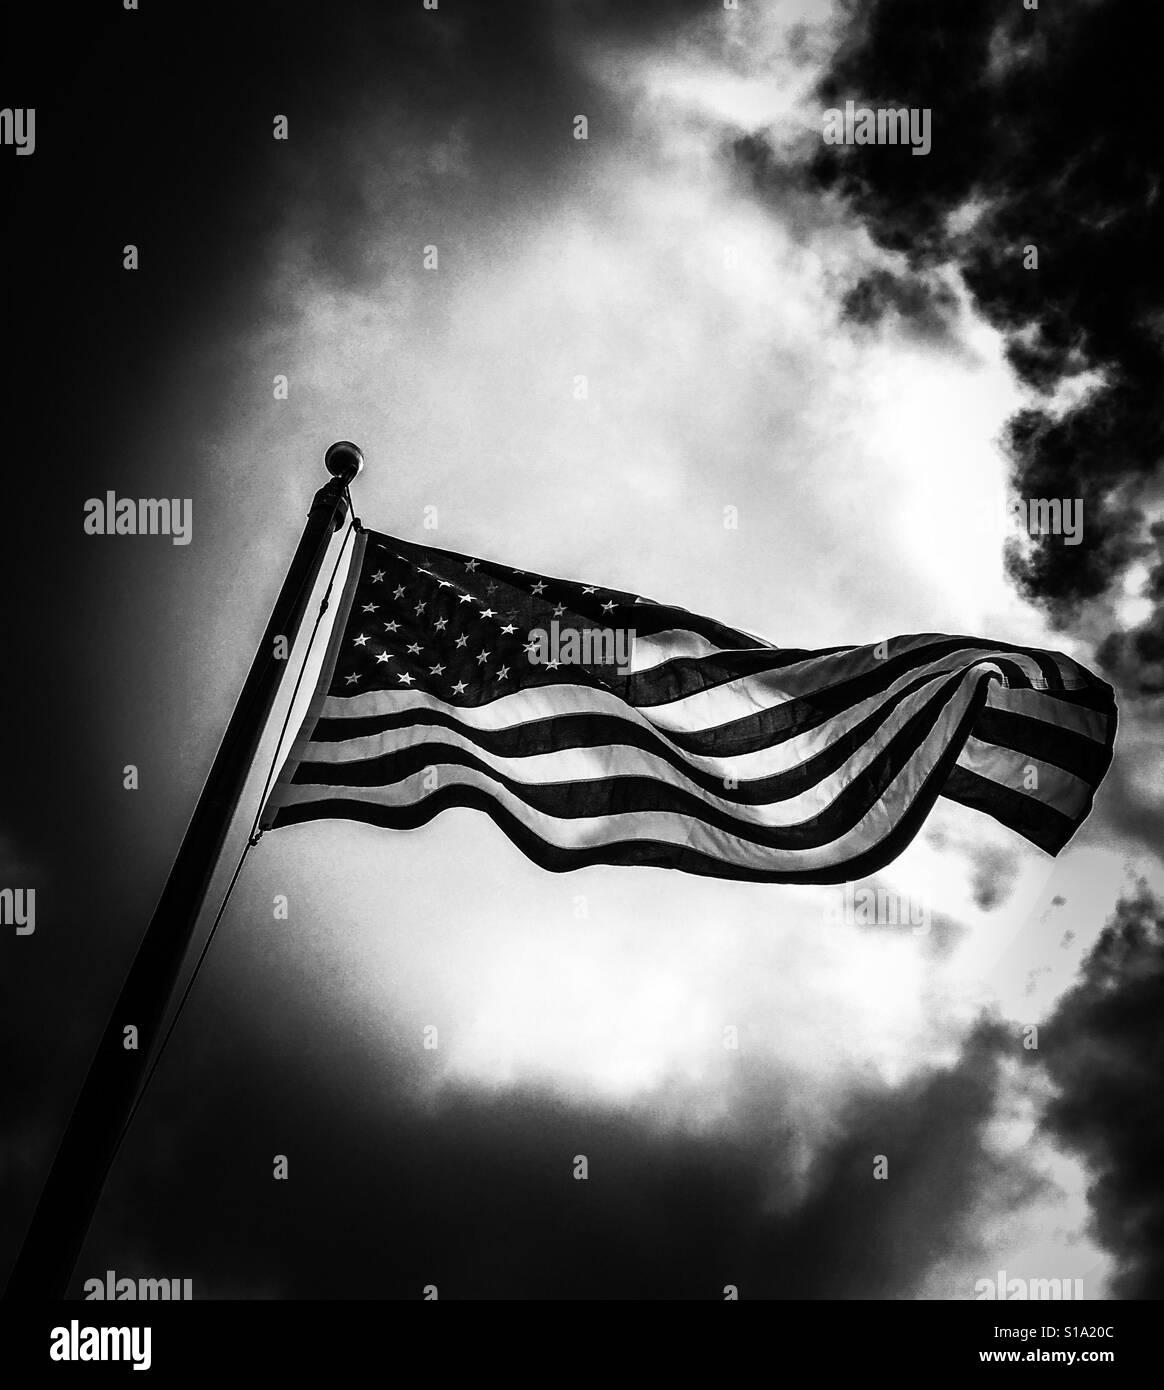 Noir et blanc édition spectaculaire American flag flying Banque D'Images